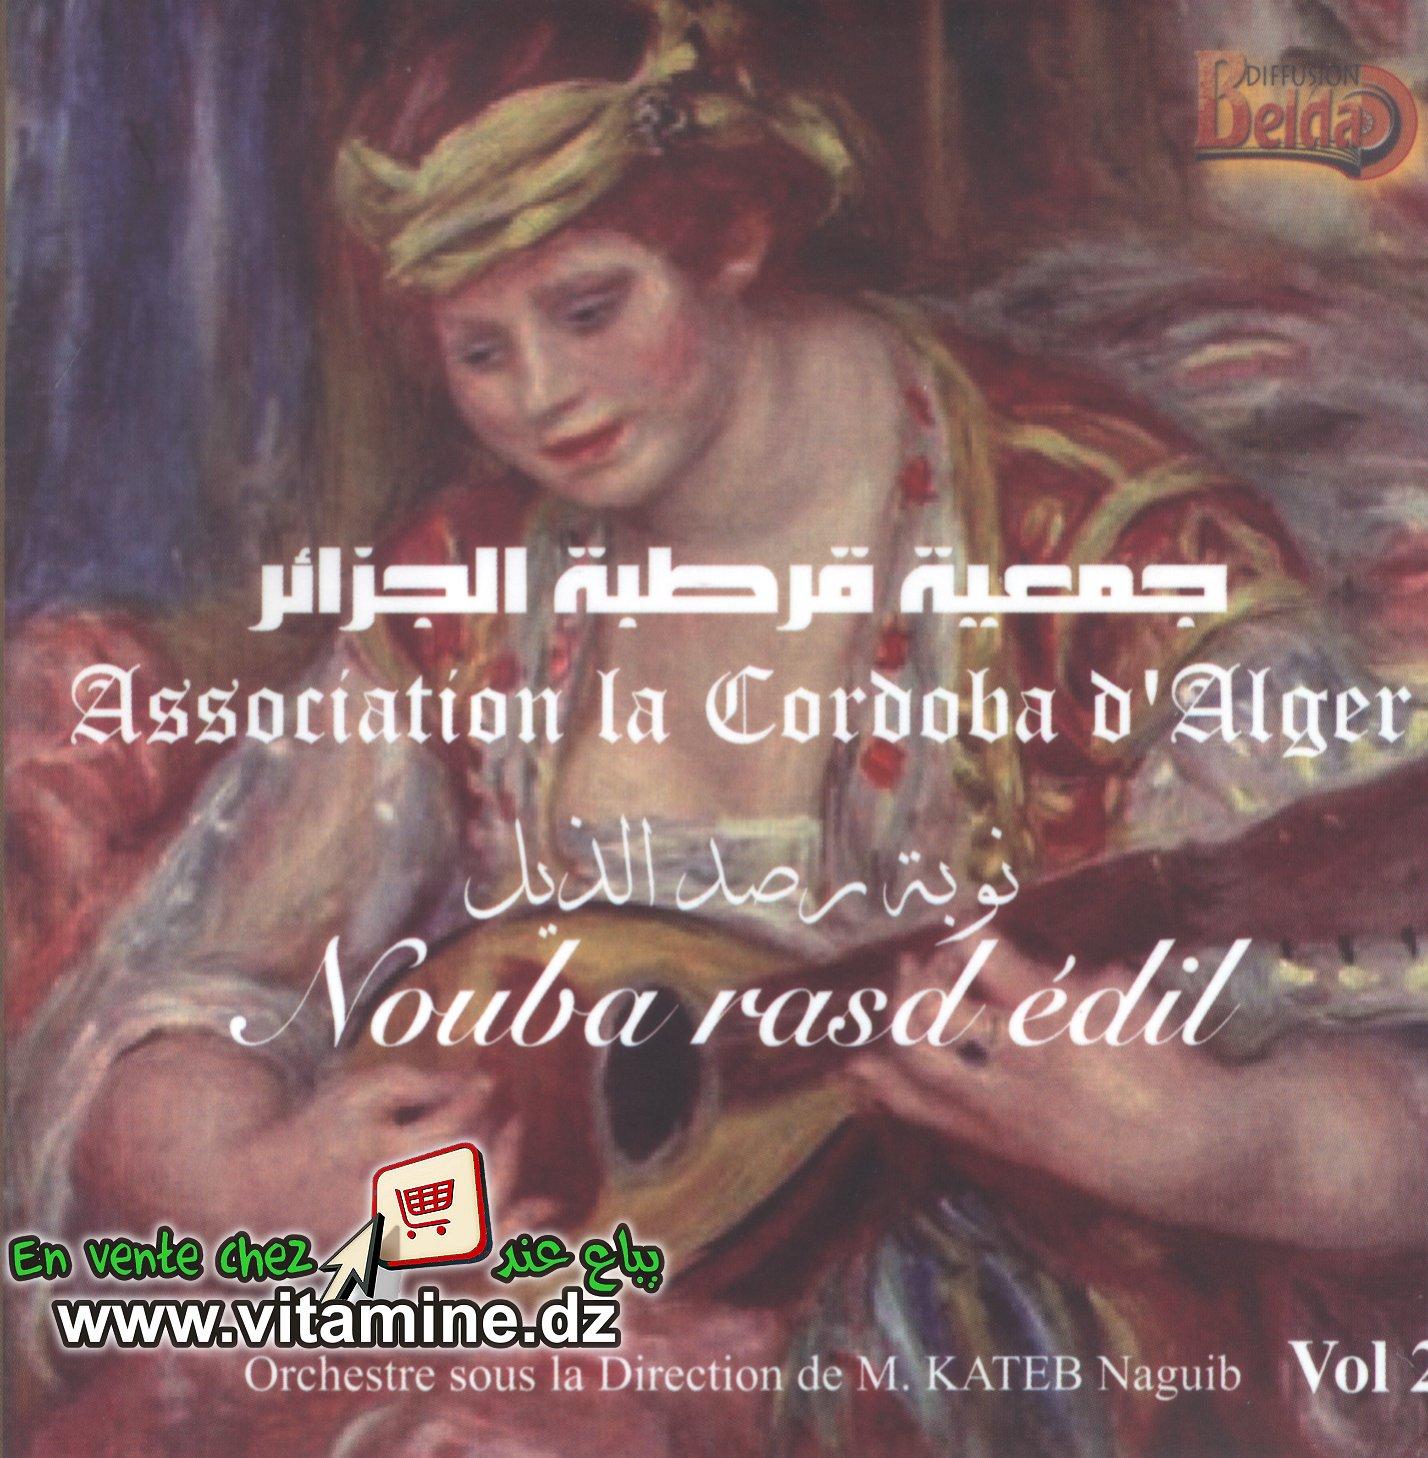 جمعية قرطبة الجزائر - نوبة رصد الديل فول 2